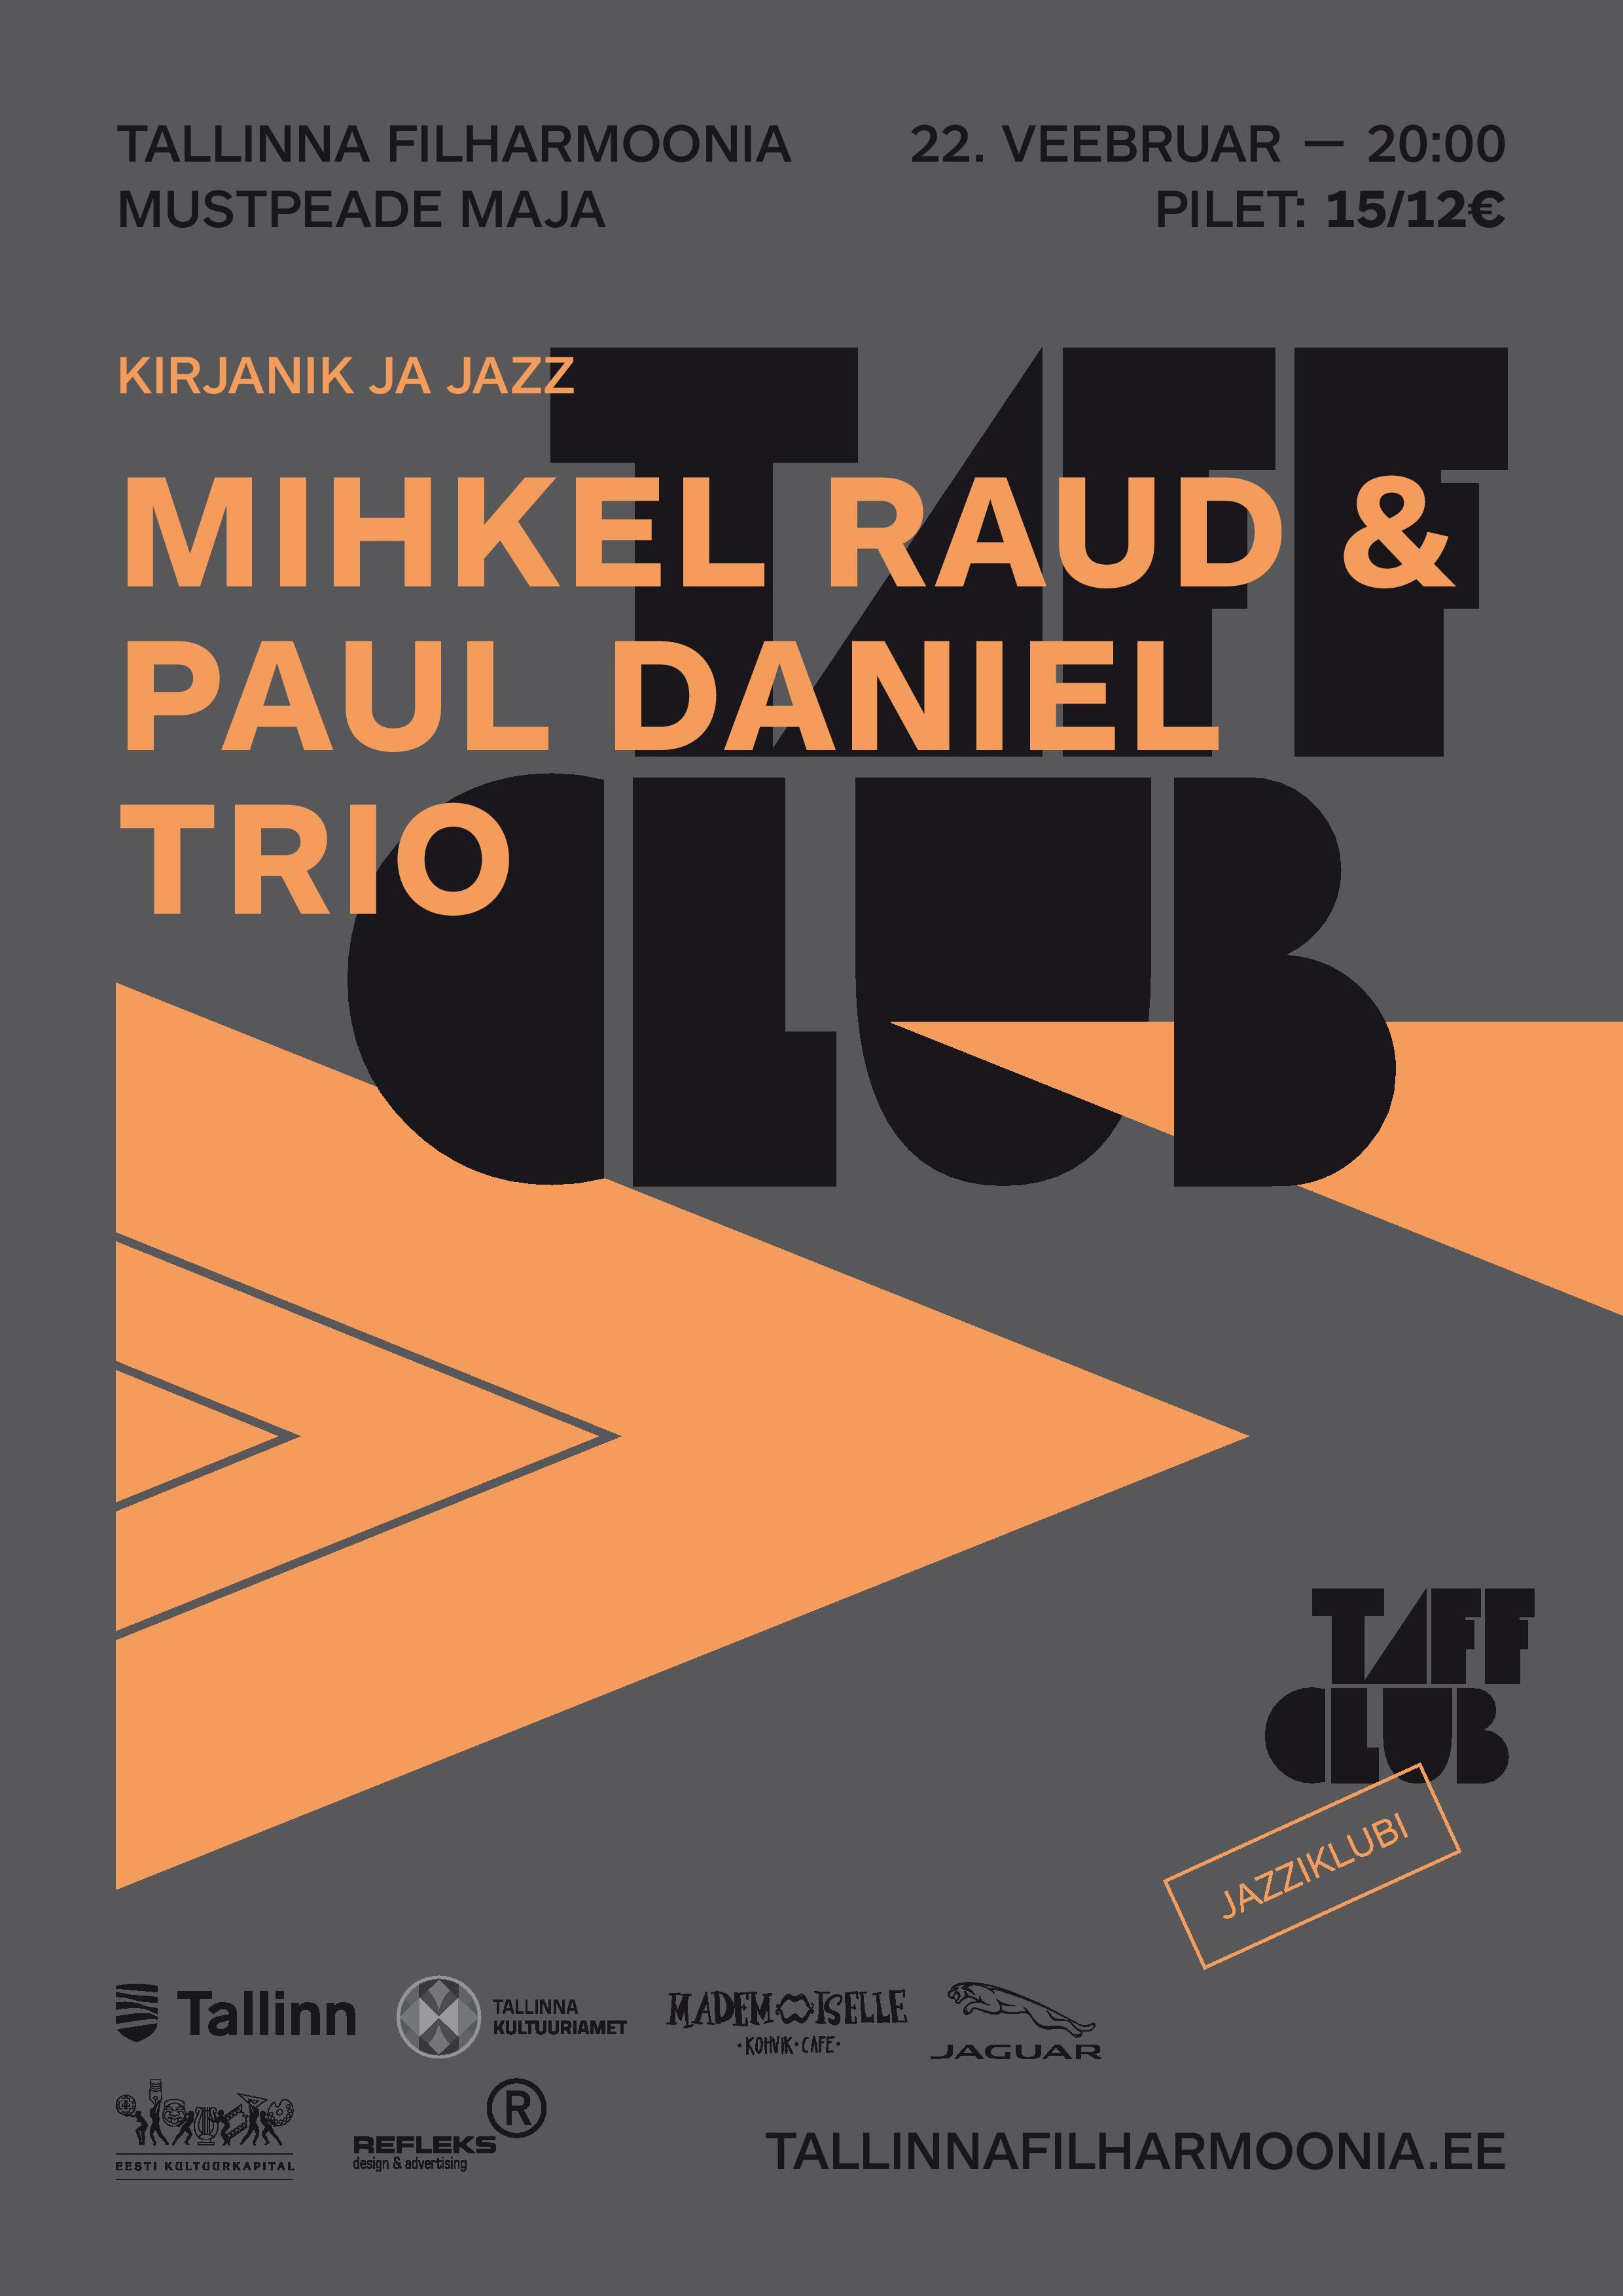 TAFF CLUB. Kirjanik ja jazz: MIHKEL RAUD & PAUL DANIEL TRIO